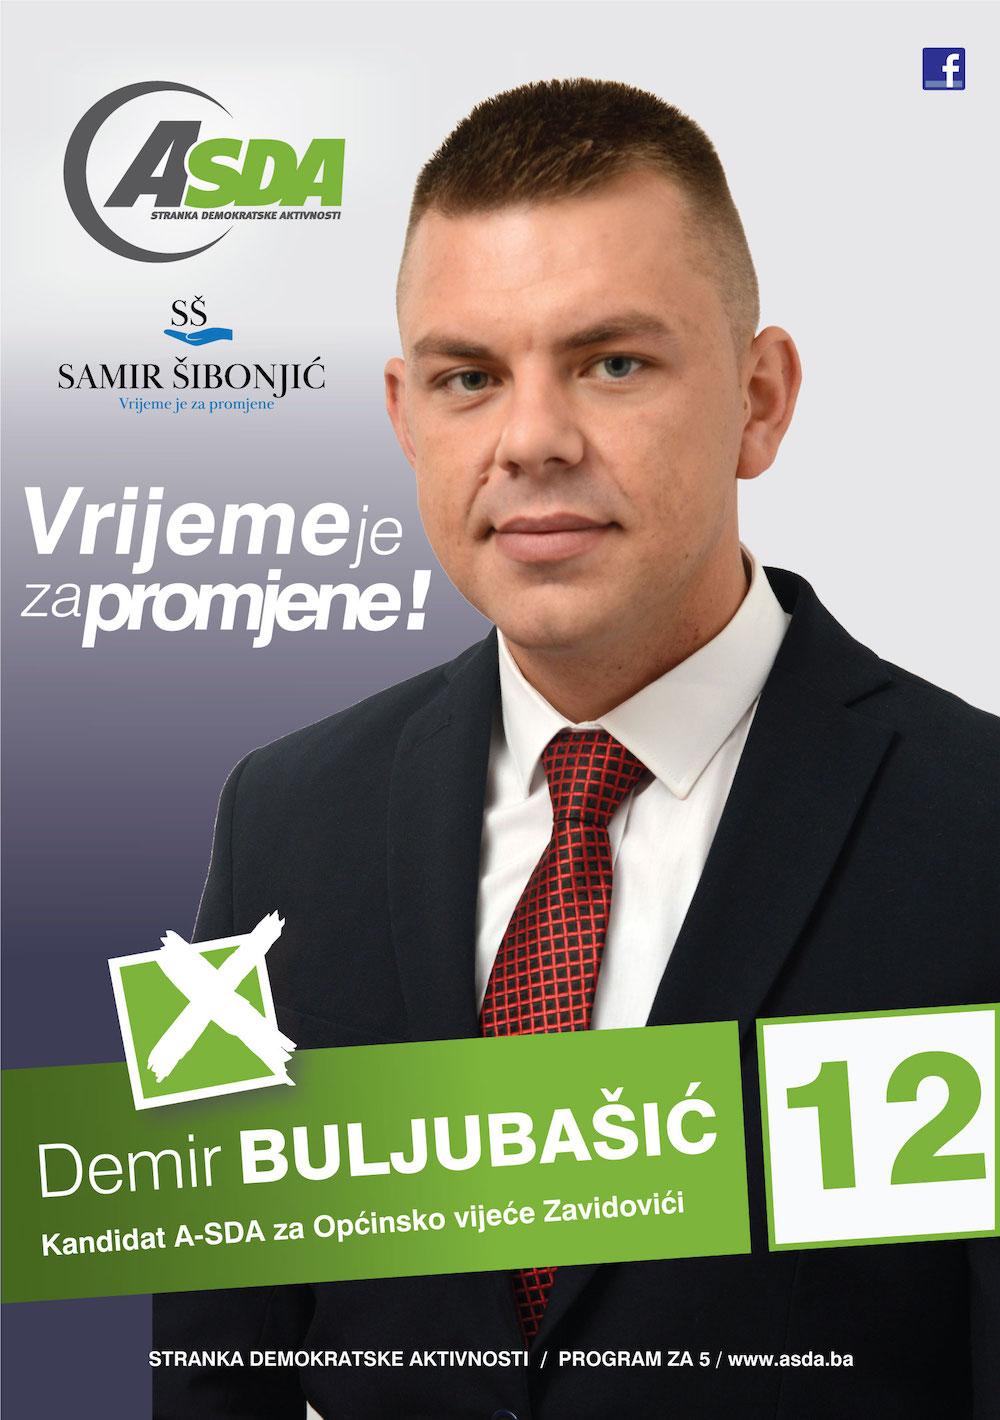 Demir Buljubašić